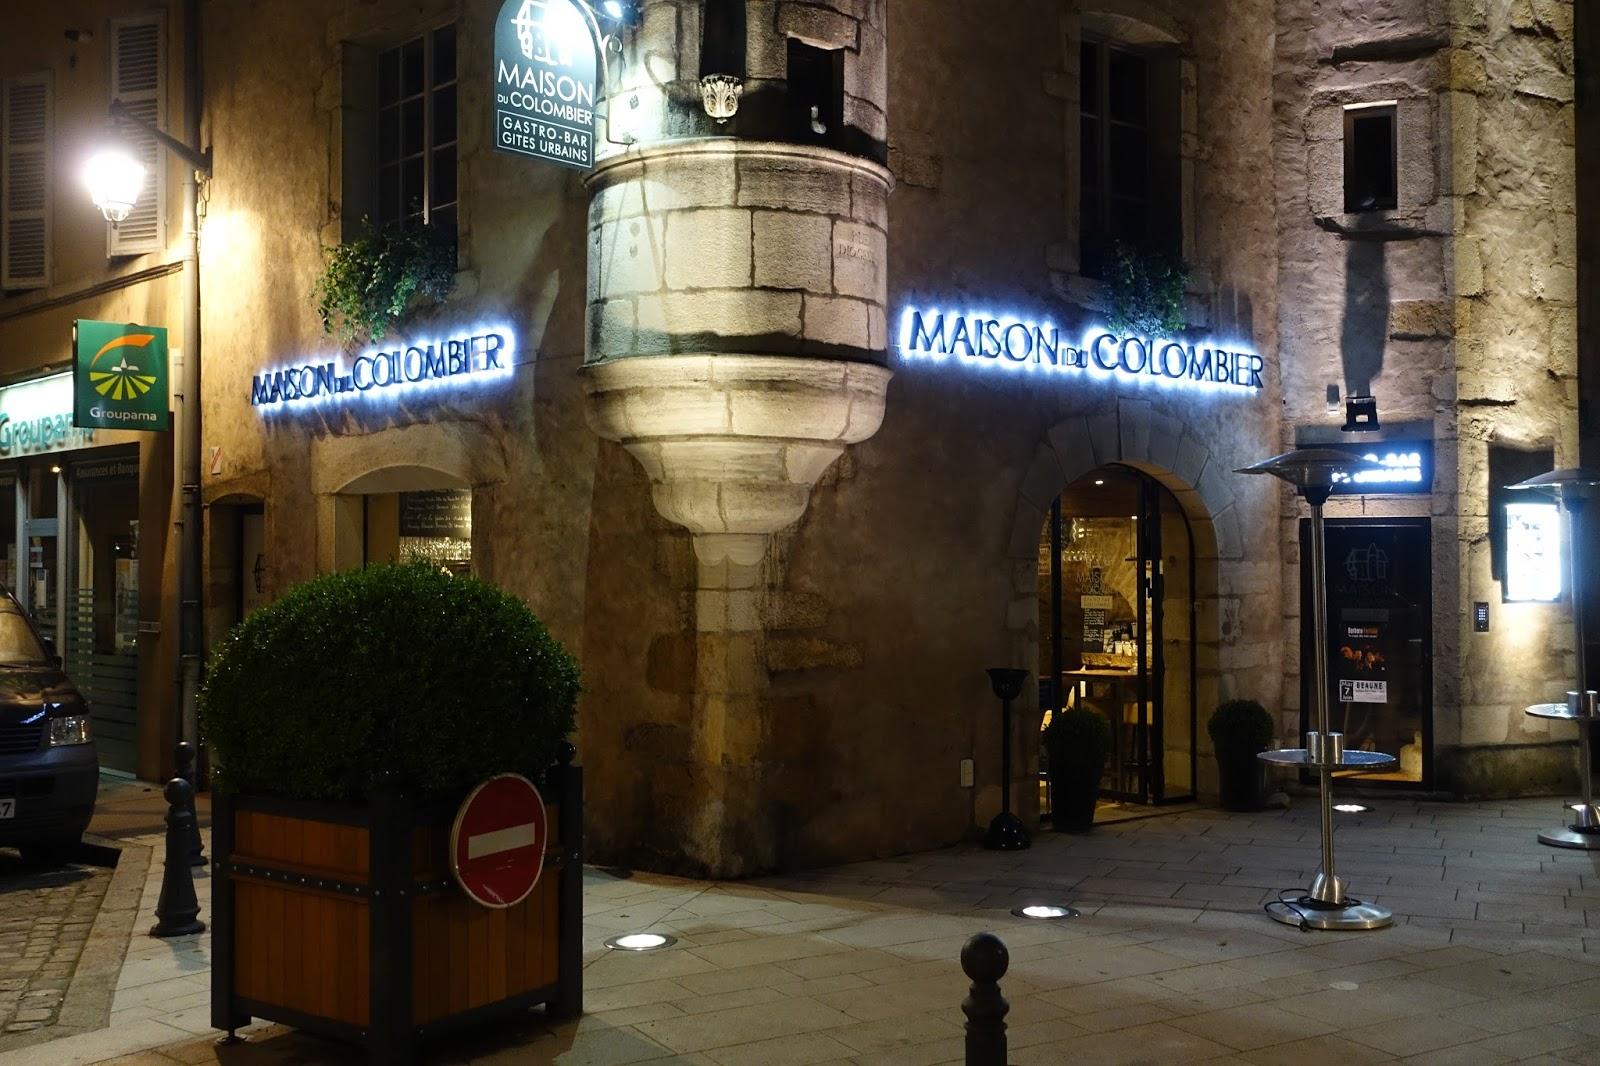 Restaurant Rue Charles Cloutier Beaune